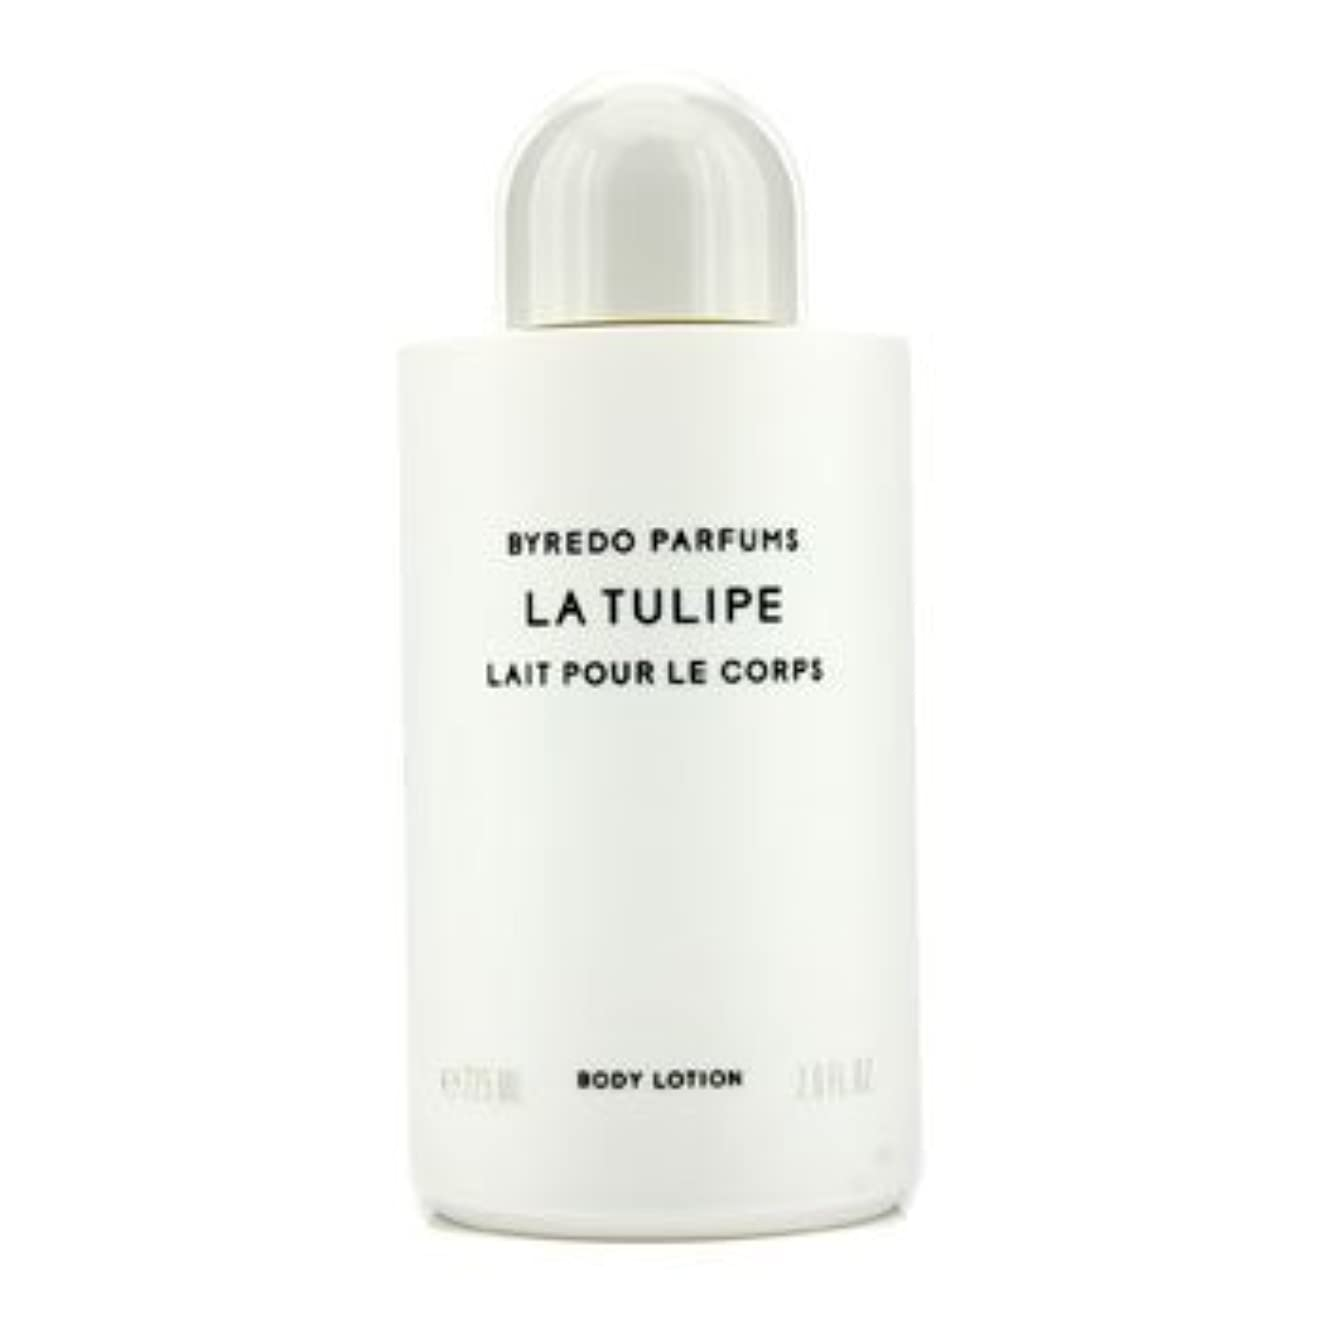 夜間構築する大胆不敵Byredo La Tulipe Body Lotion For Women 225Ml/7.6Oz by Byredo [並行輸入品]